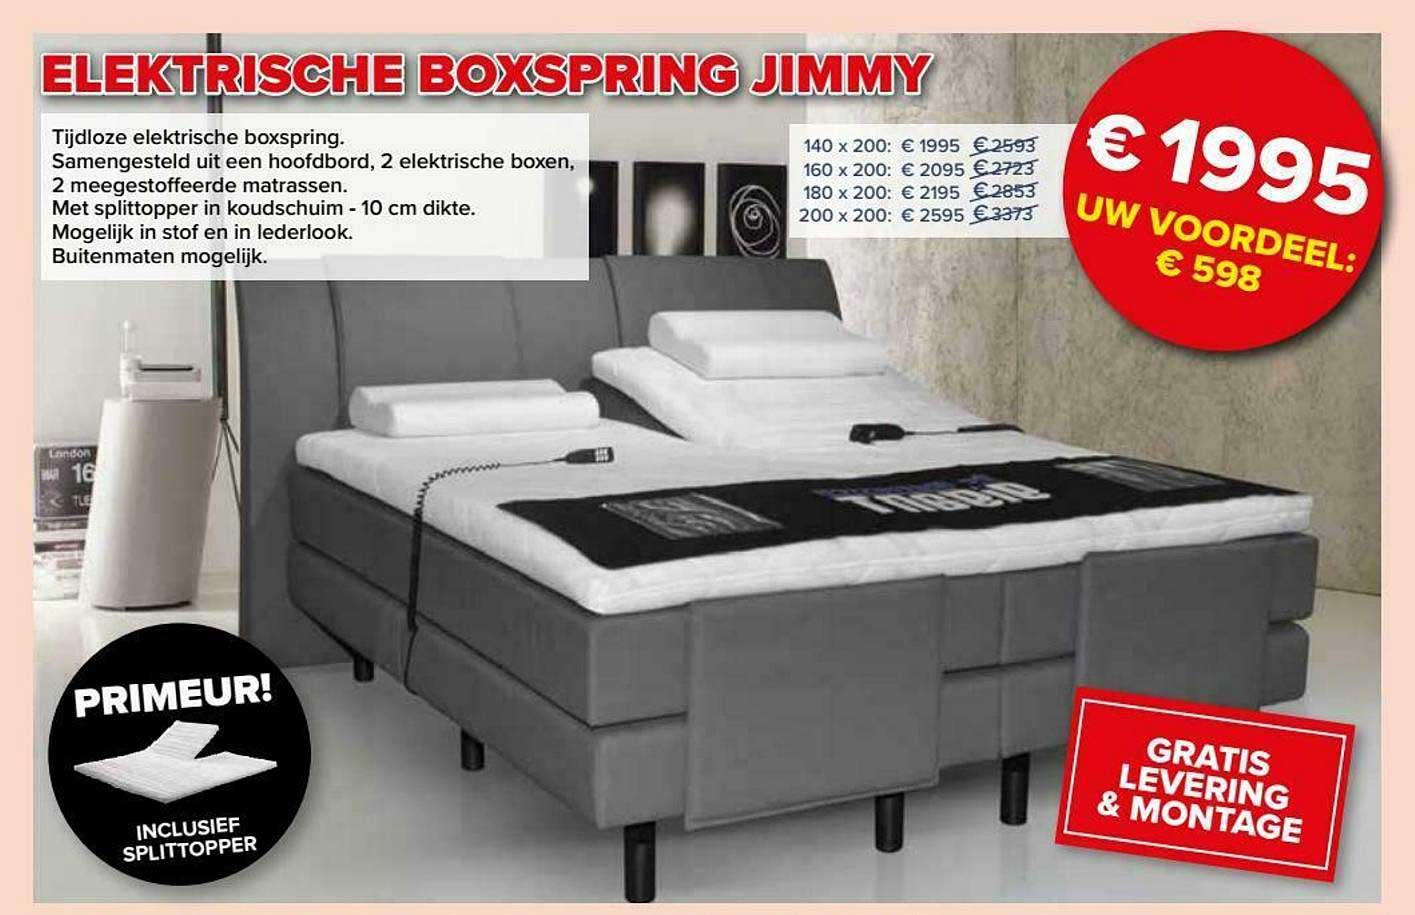 De Matrassen Gigant Elektrische Boxspring Jimmy